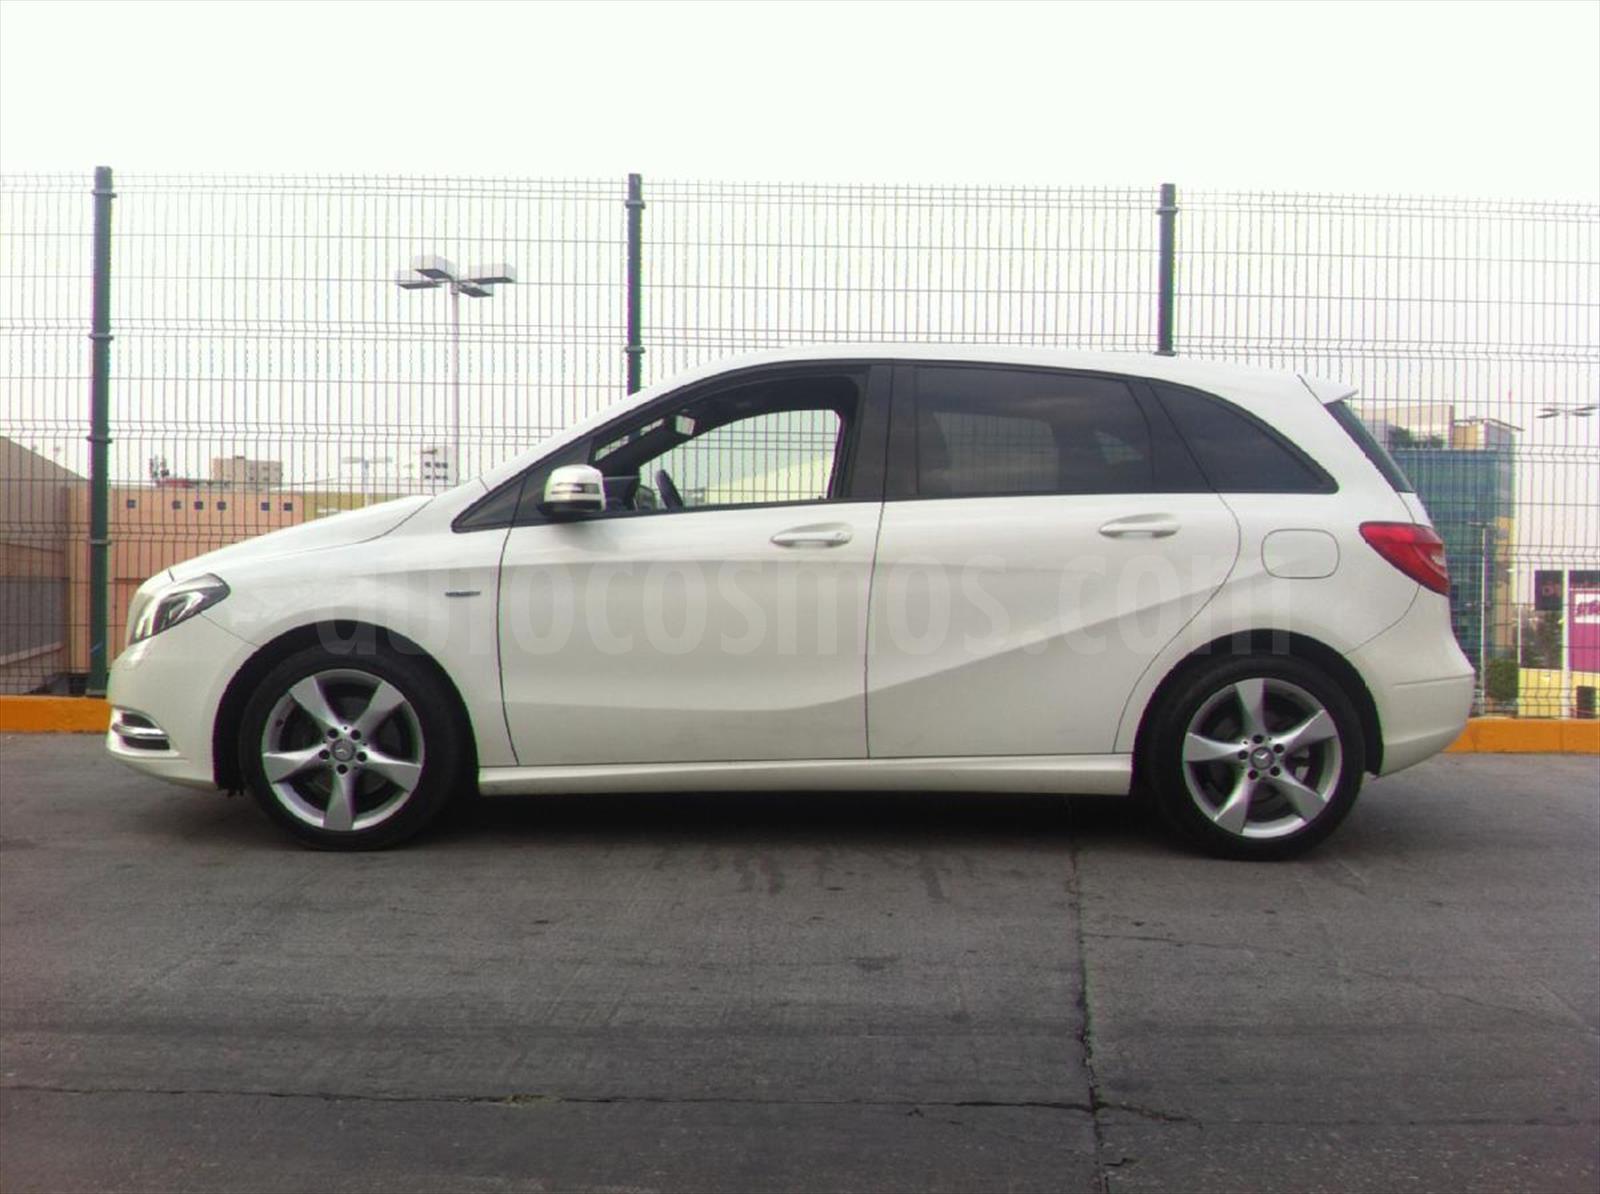 Venta autos usado estado de mexico mercedes benz clase for Mercedes benz oakland ca